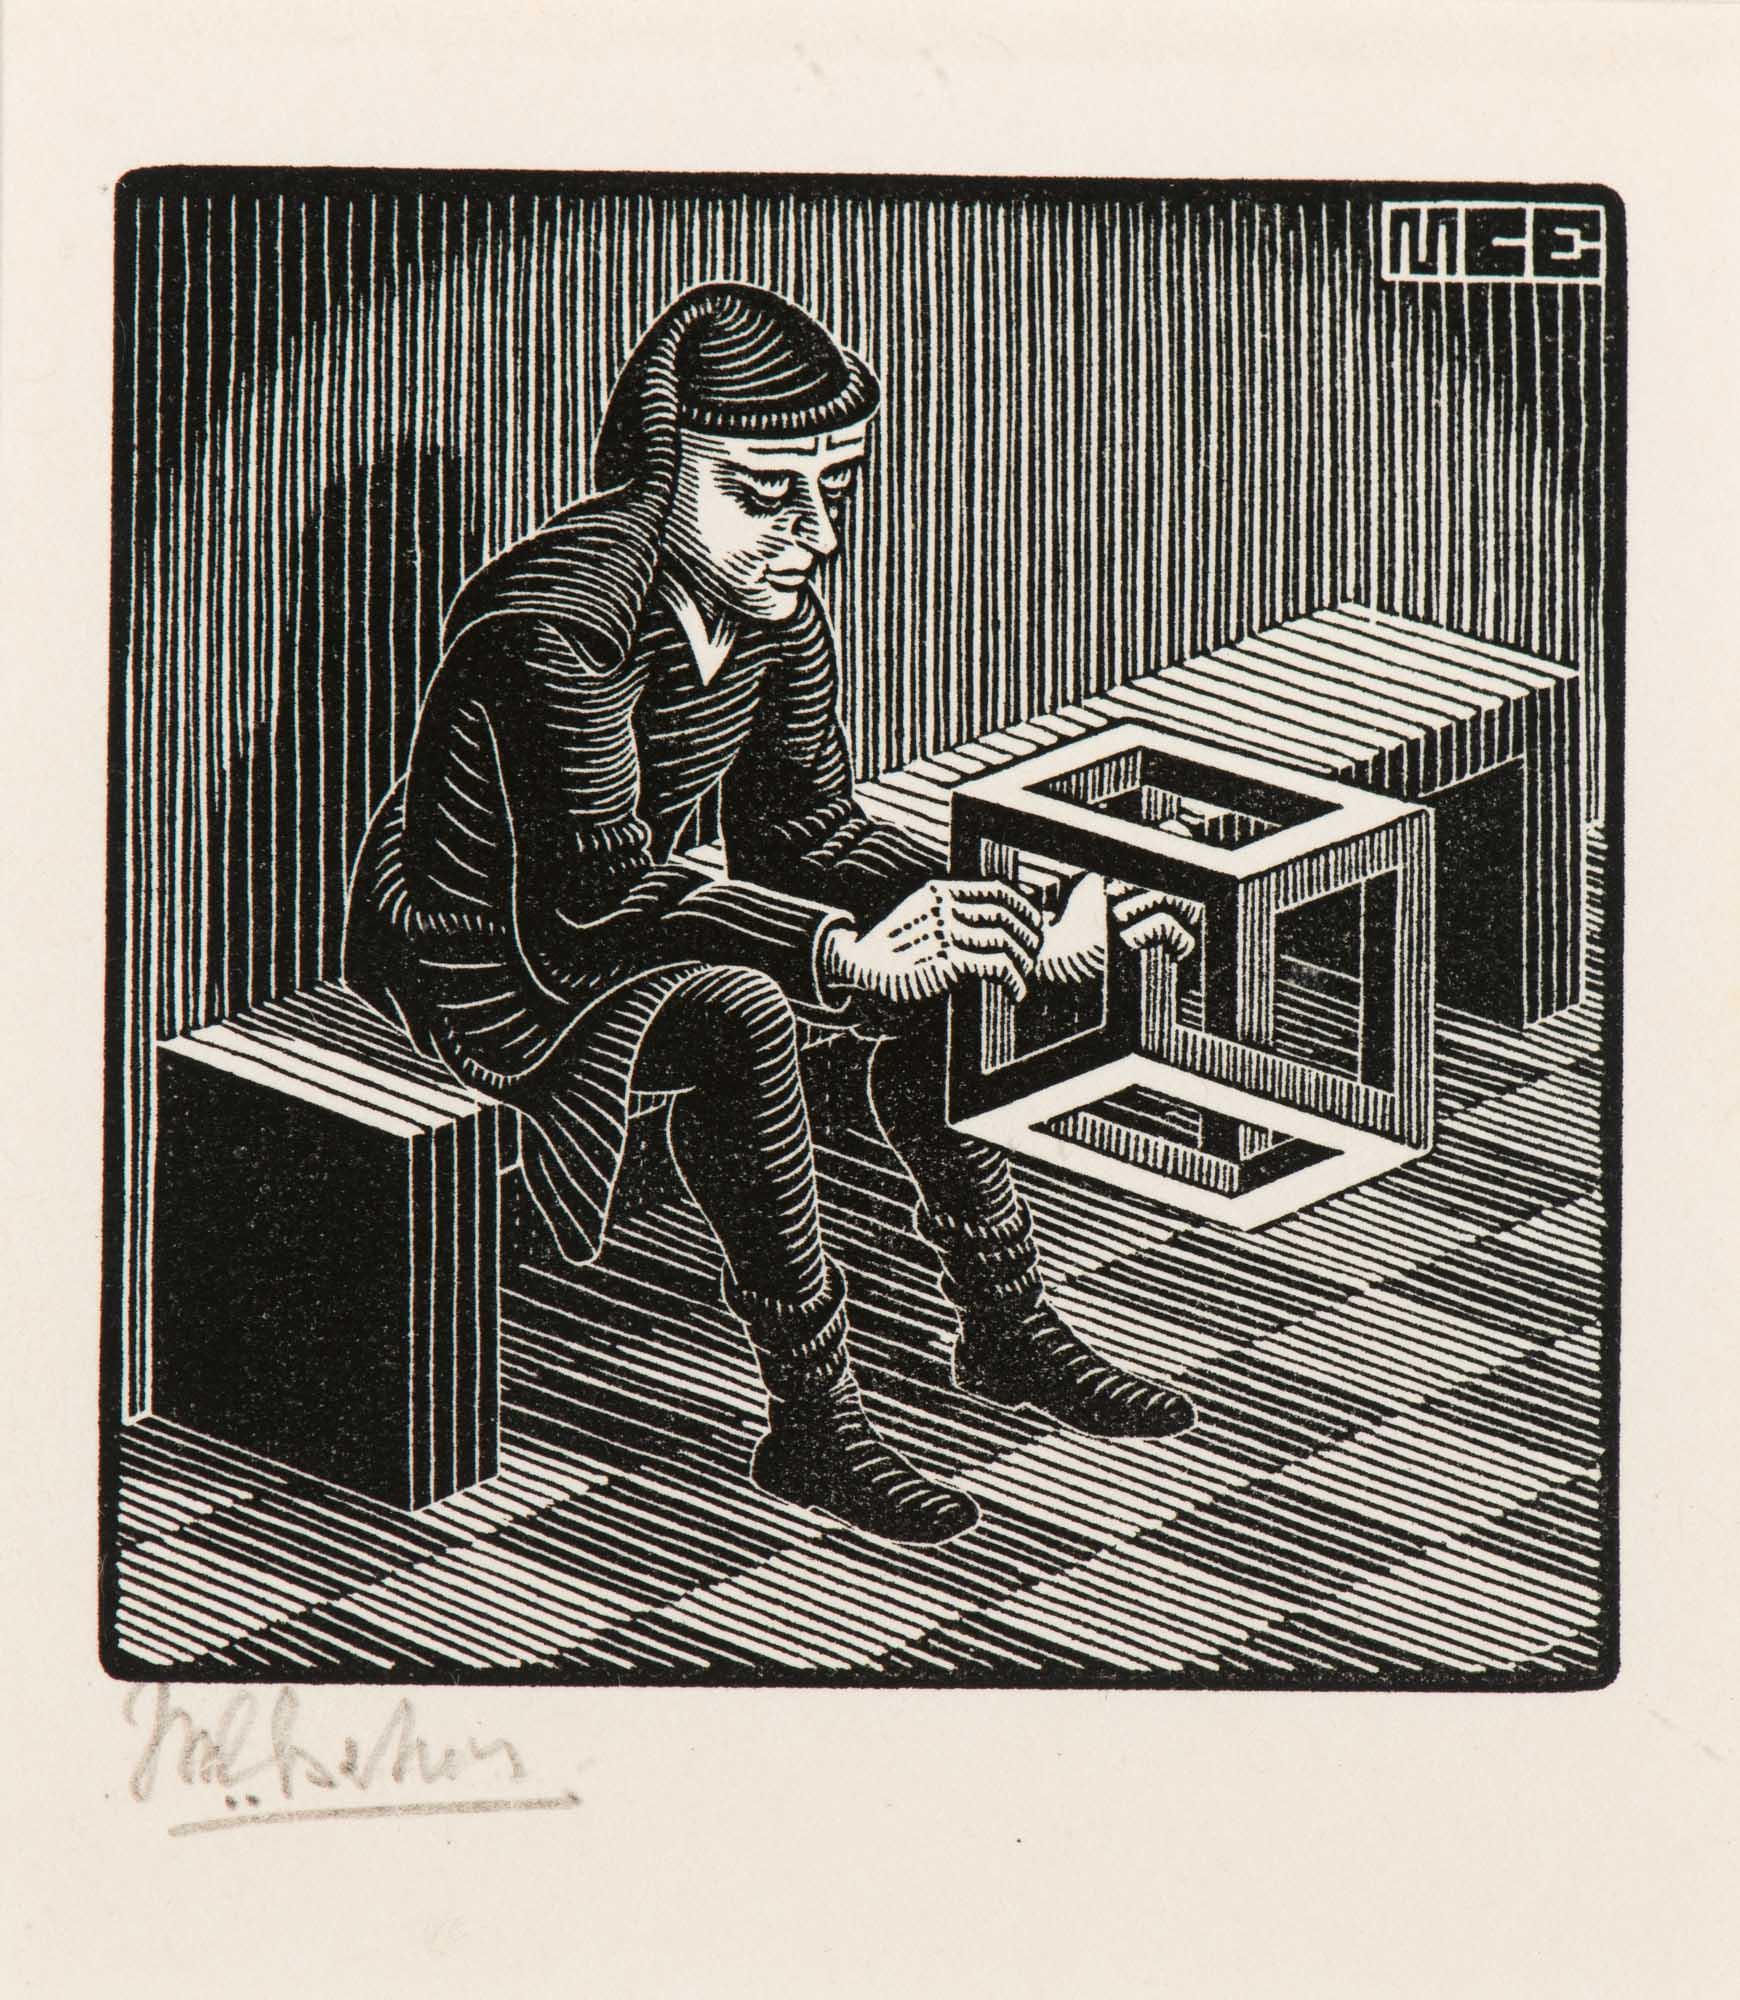 Man met kuboïde (Man with cuboid) (1958)